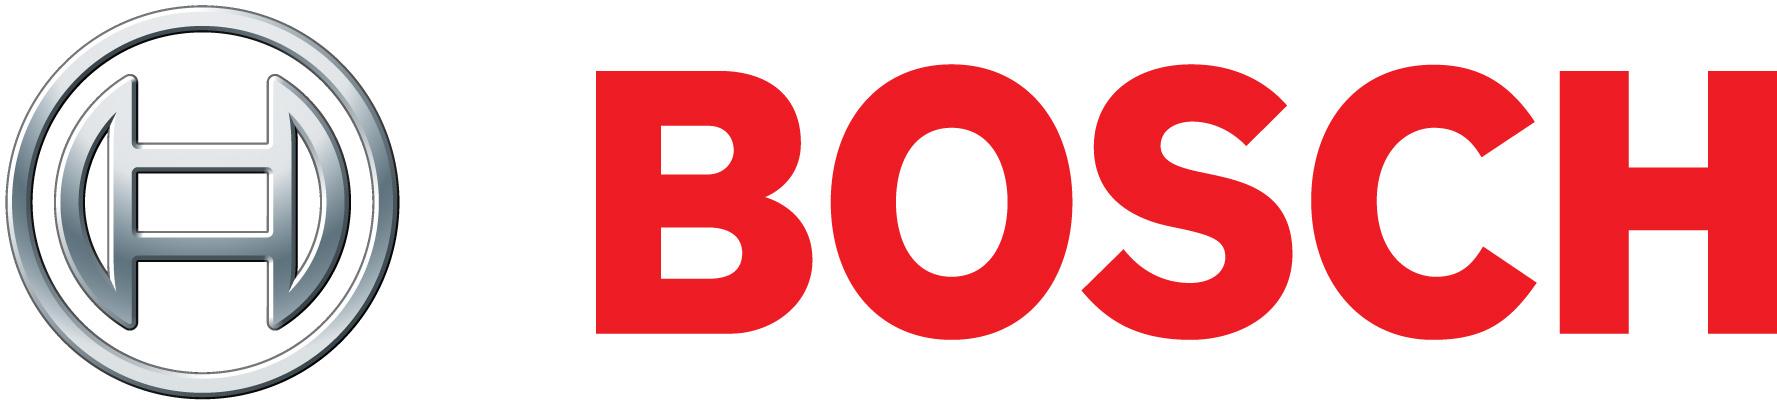 Image result for robert bosch tool logo